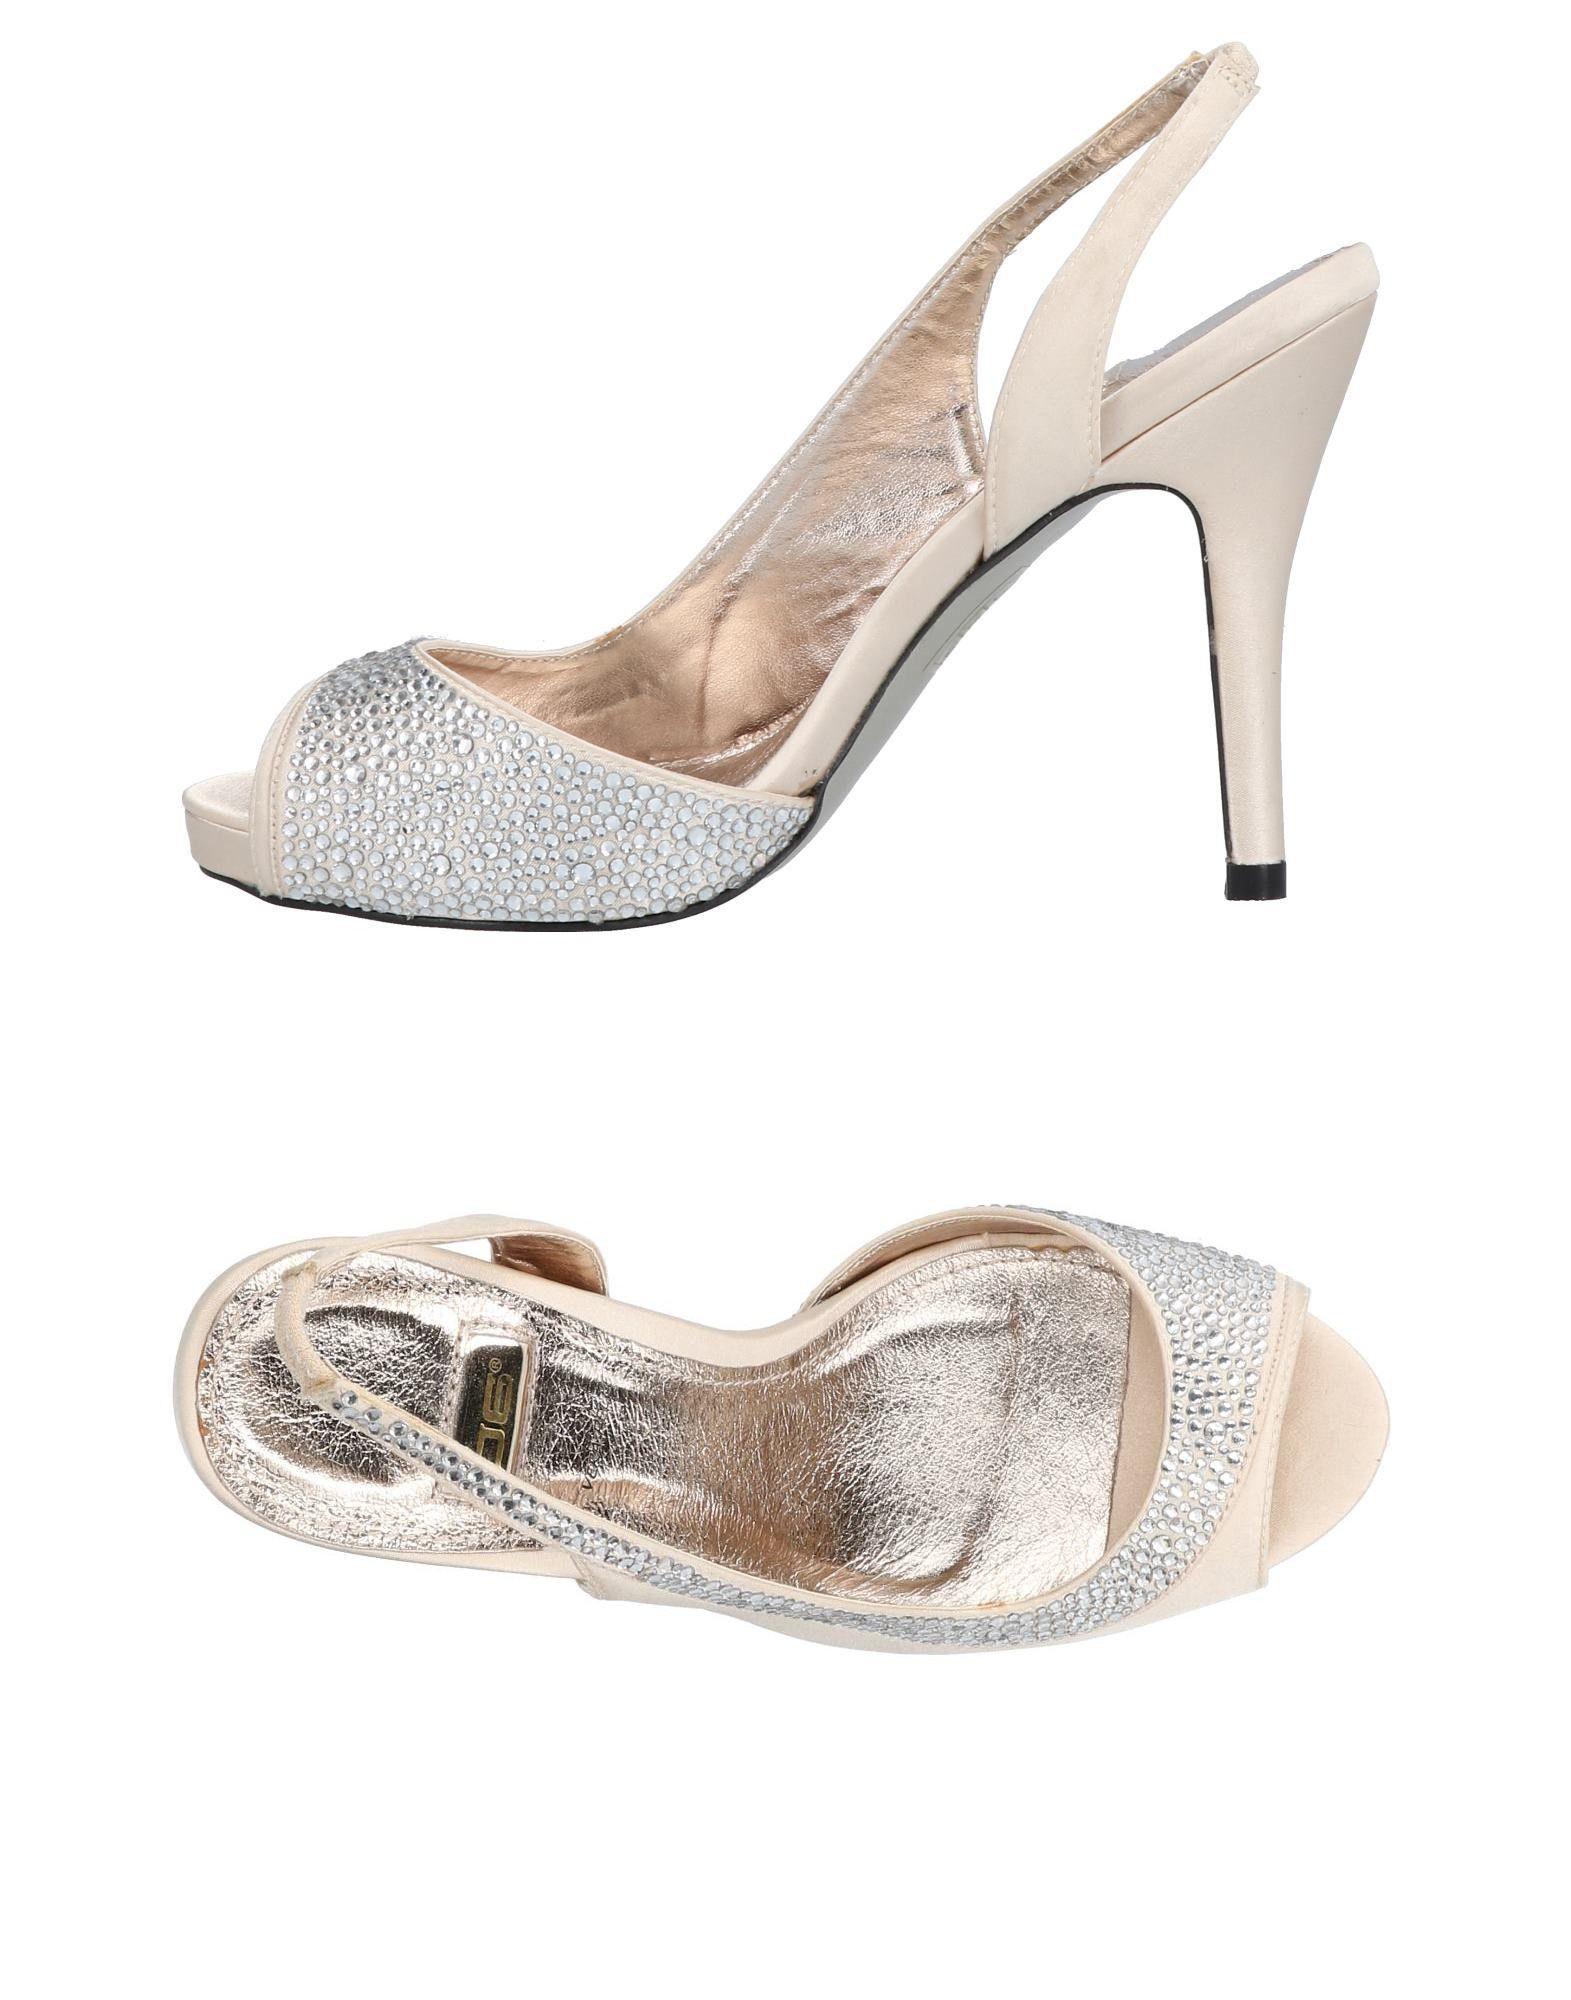 O6 The Gold Edition Sandalen Damen Schuhe  11464789UF Gute Qualität beliebte Schuhe Damen 72e3b6